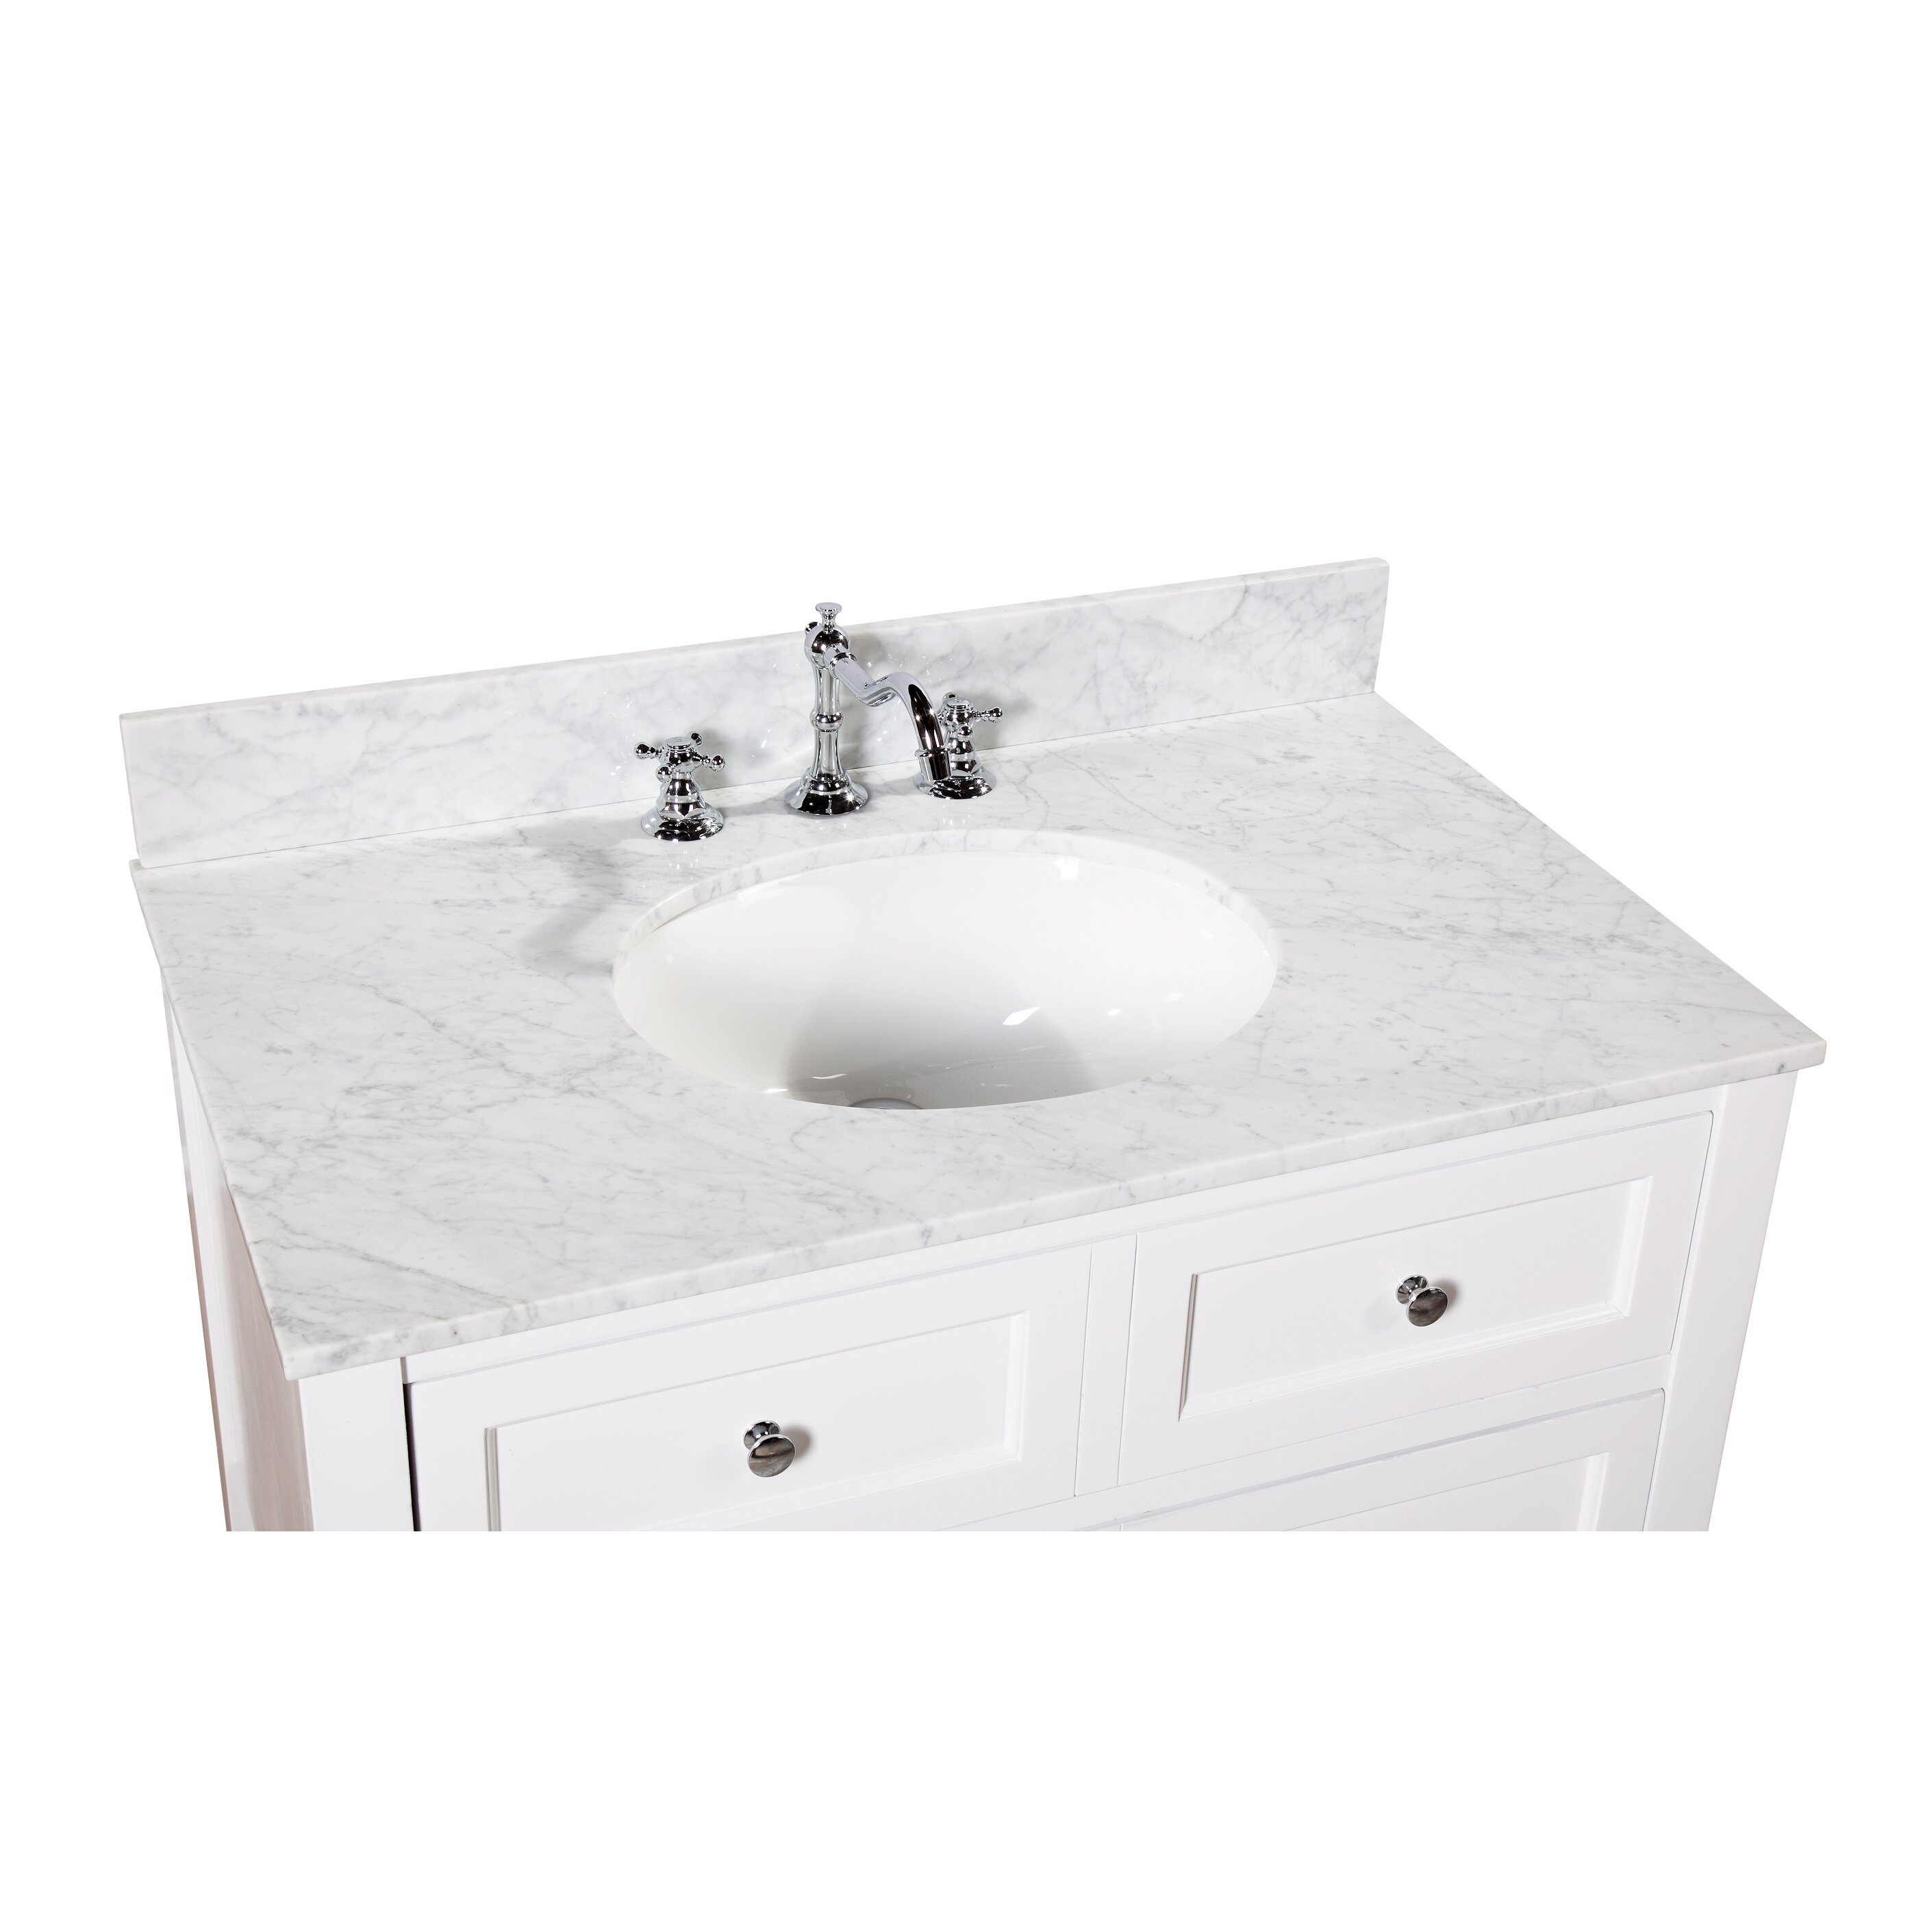 Unfinished Bathroom Vanities 36 Diy Small Bathroom Vanity Bath Vanity Combo Cheap Attractive